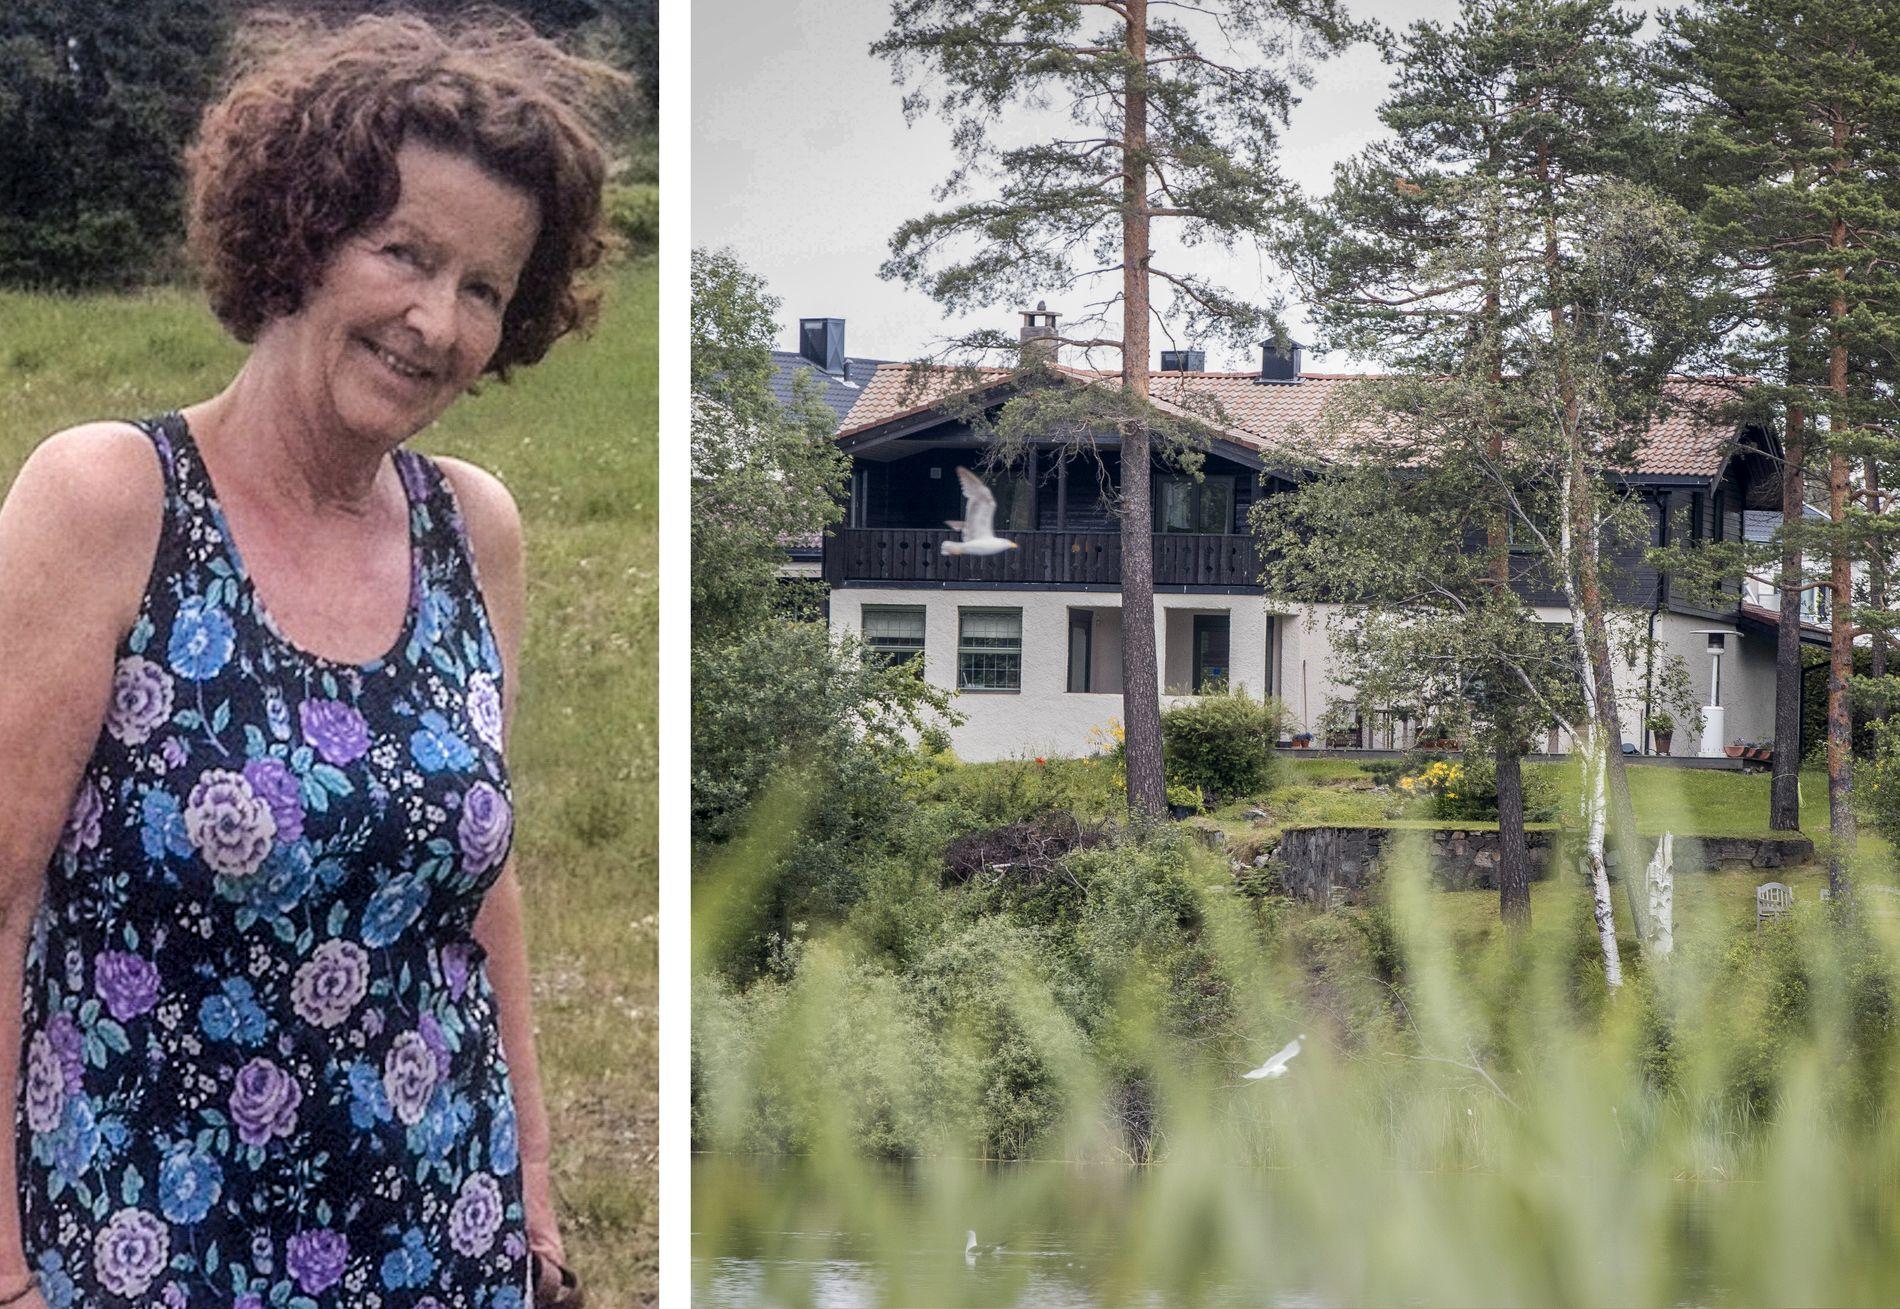 BORTE I NI MÅNEDER: 31. oktober i fjor forsvant Anne-Elisabeth Hagen fra sitt hjem. Siden har det ikke kommet et eneste livstegn fra henne.